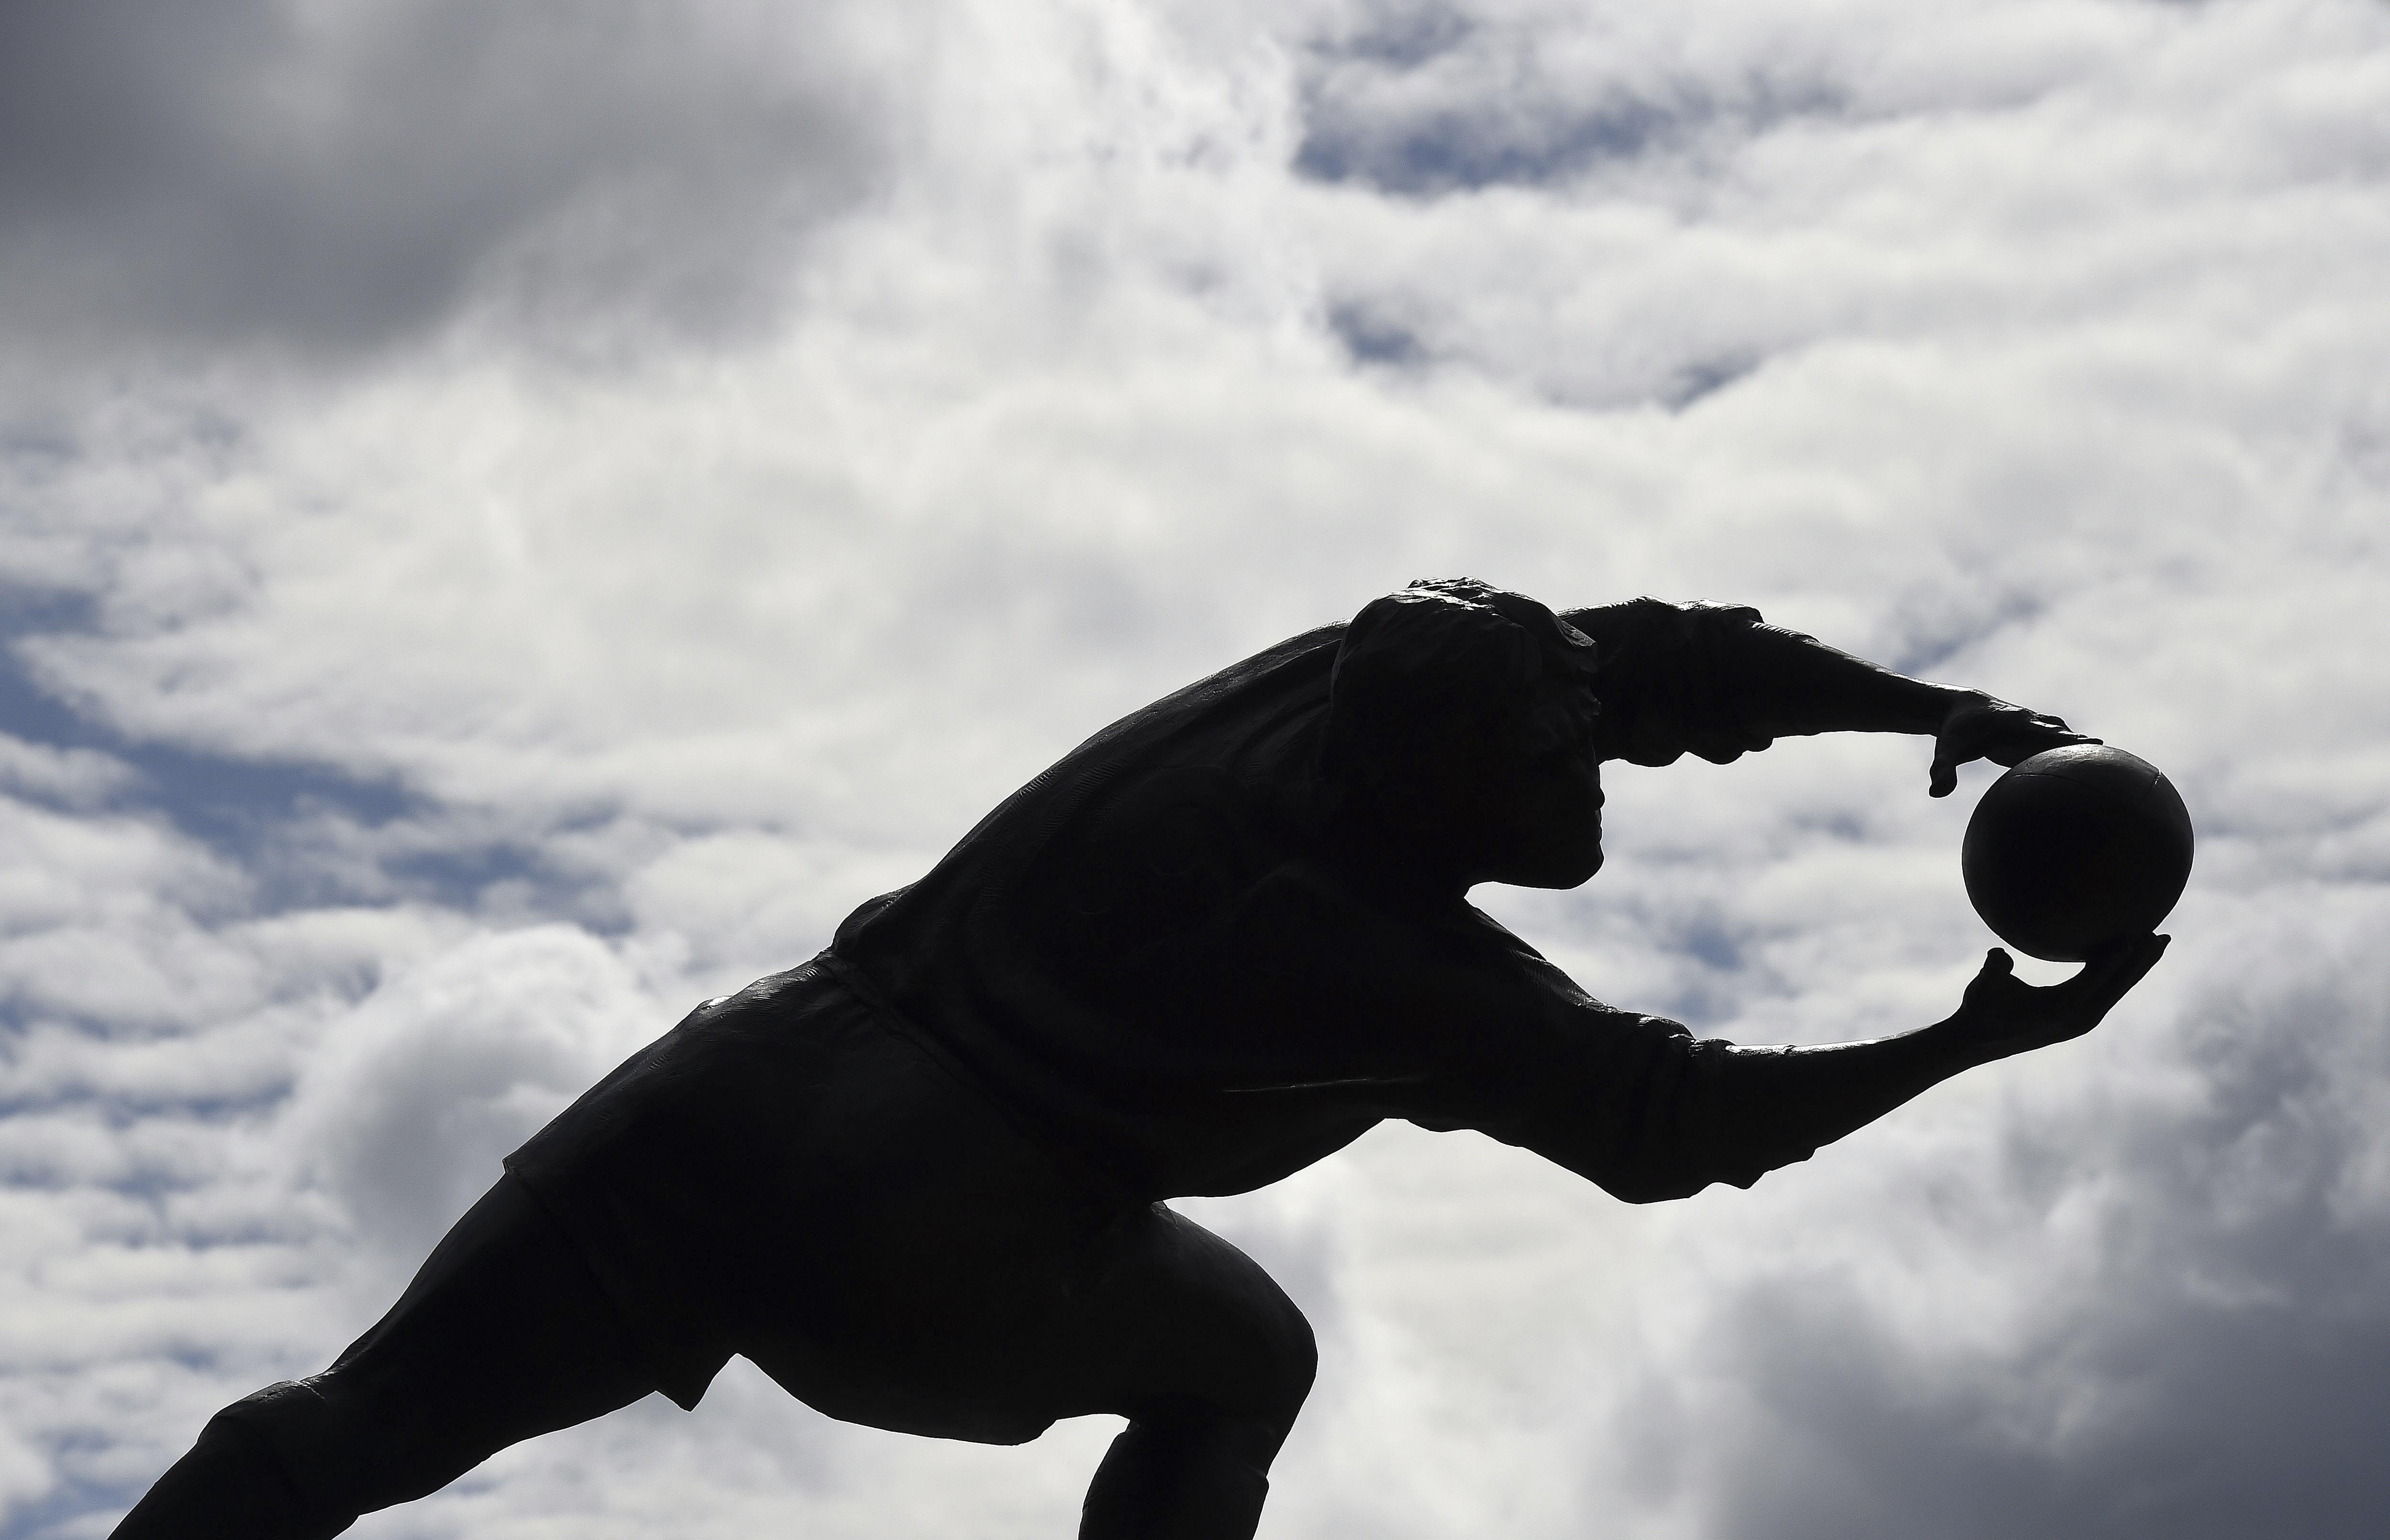 La 8ª edición del Mundial de rugby se iniciará en el mítico estadio de Twickenham. Los All Blacks son los actuales campeones y principales candidatos al título. Debutan ante Los Pumas.